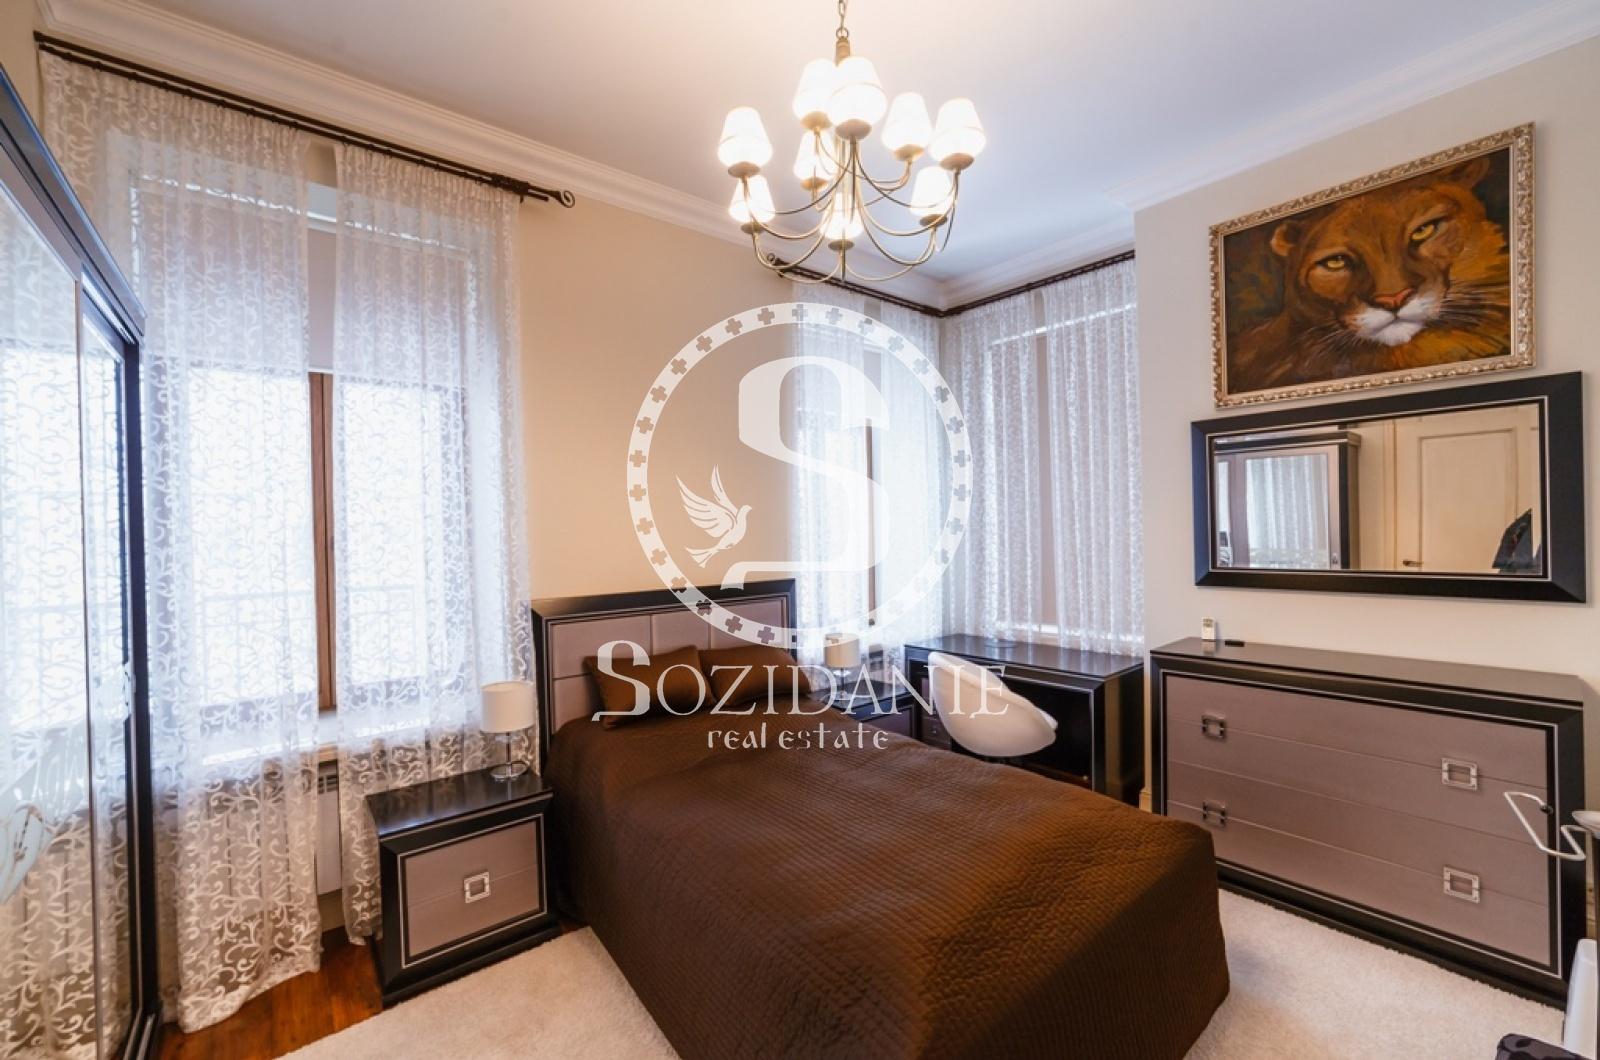 4 Bedrooms, Загородная, Аренда, Listing ID 1012, Московская область, Россия,